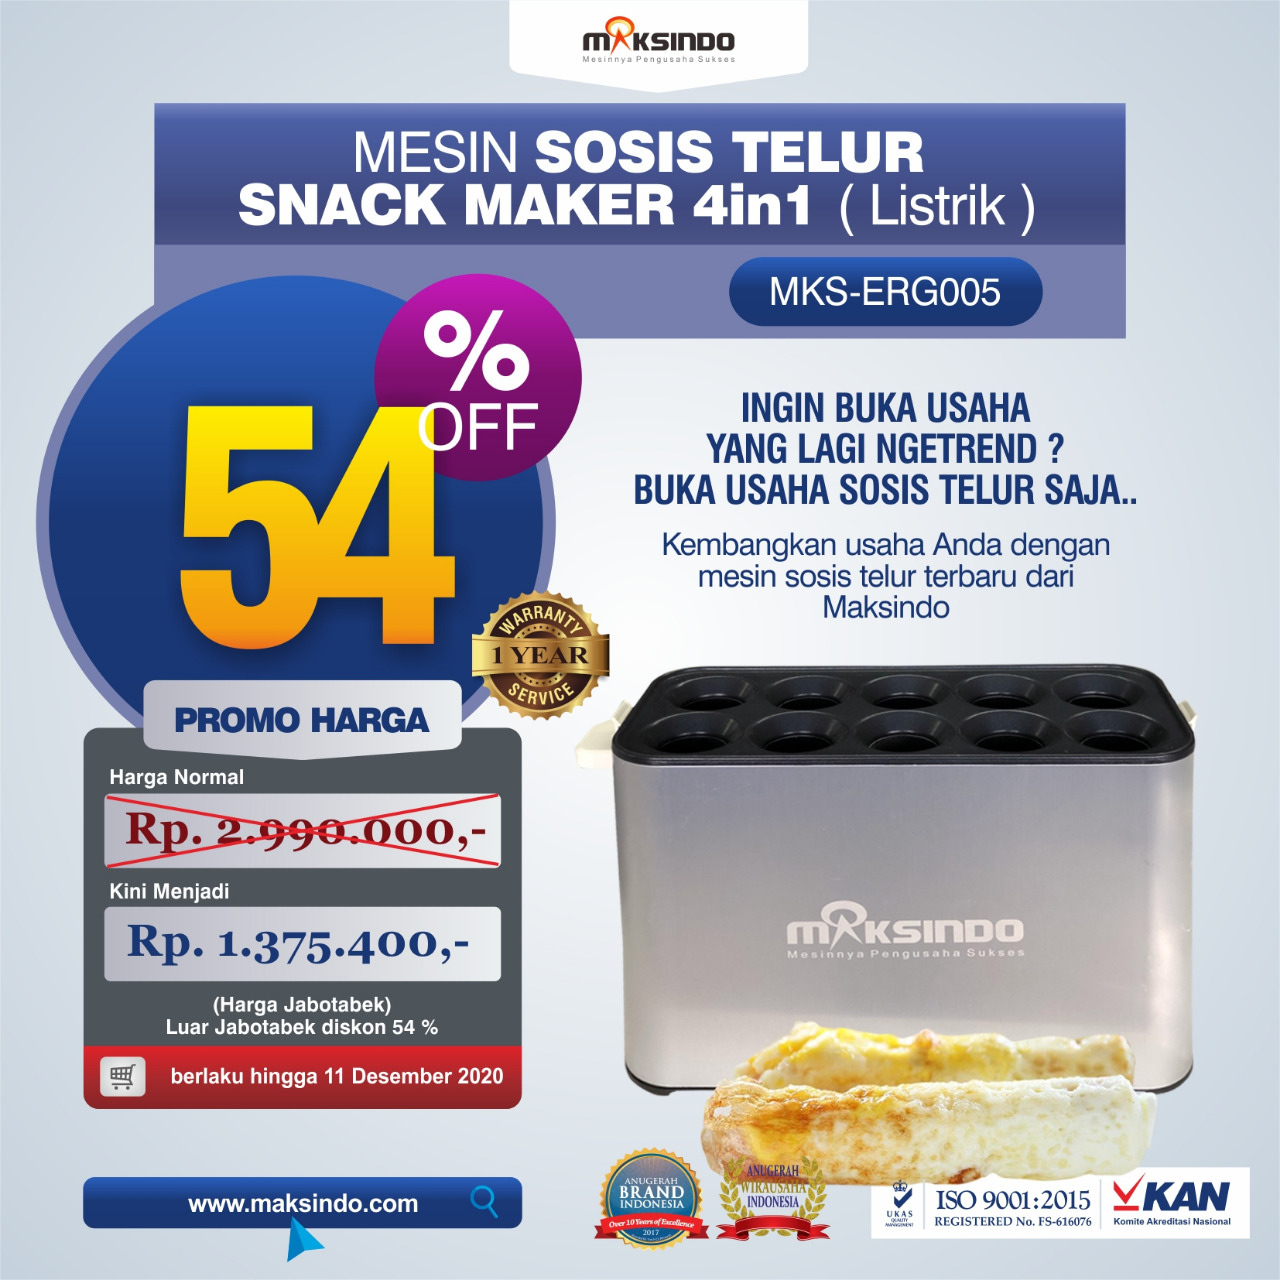 Jual Mesin Egg Roll Sosis Telur Snack Maker 4in1 Listrik di Medan